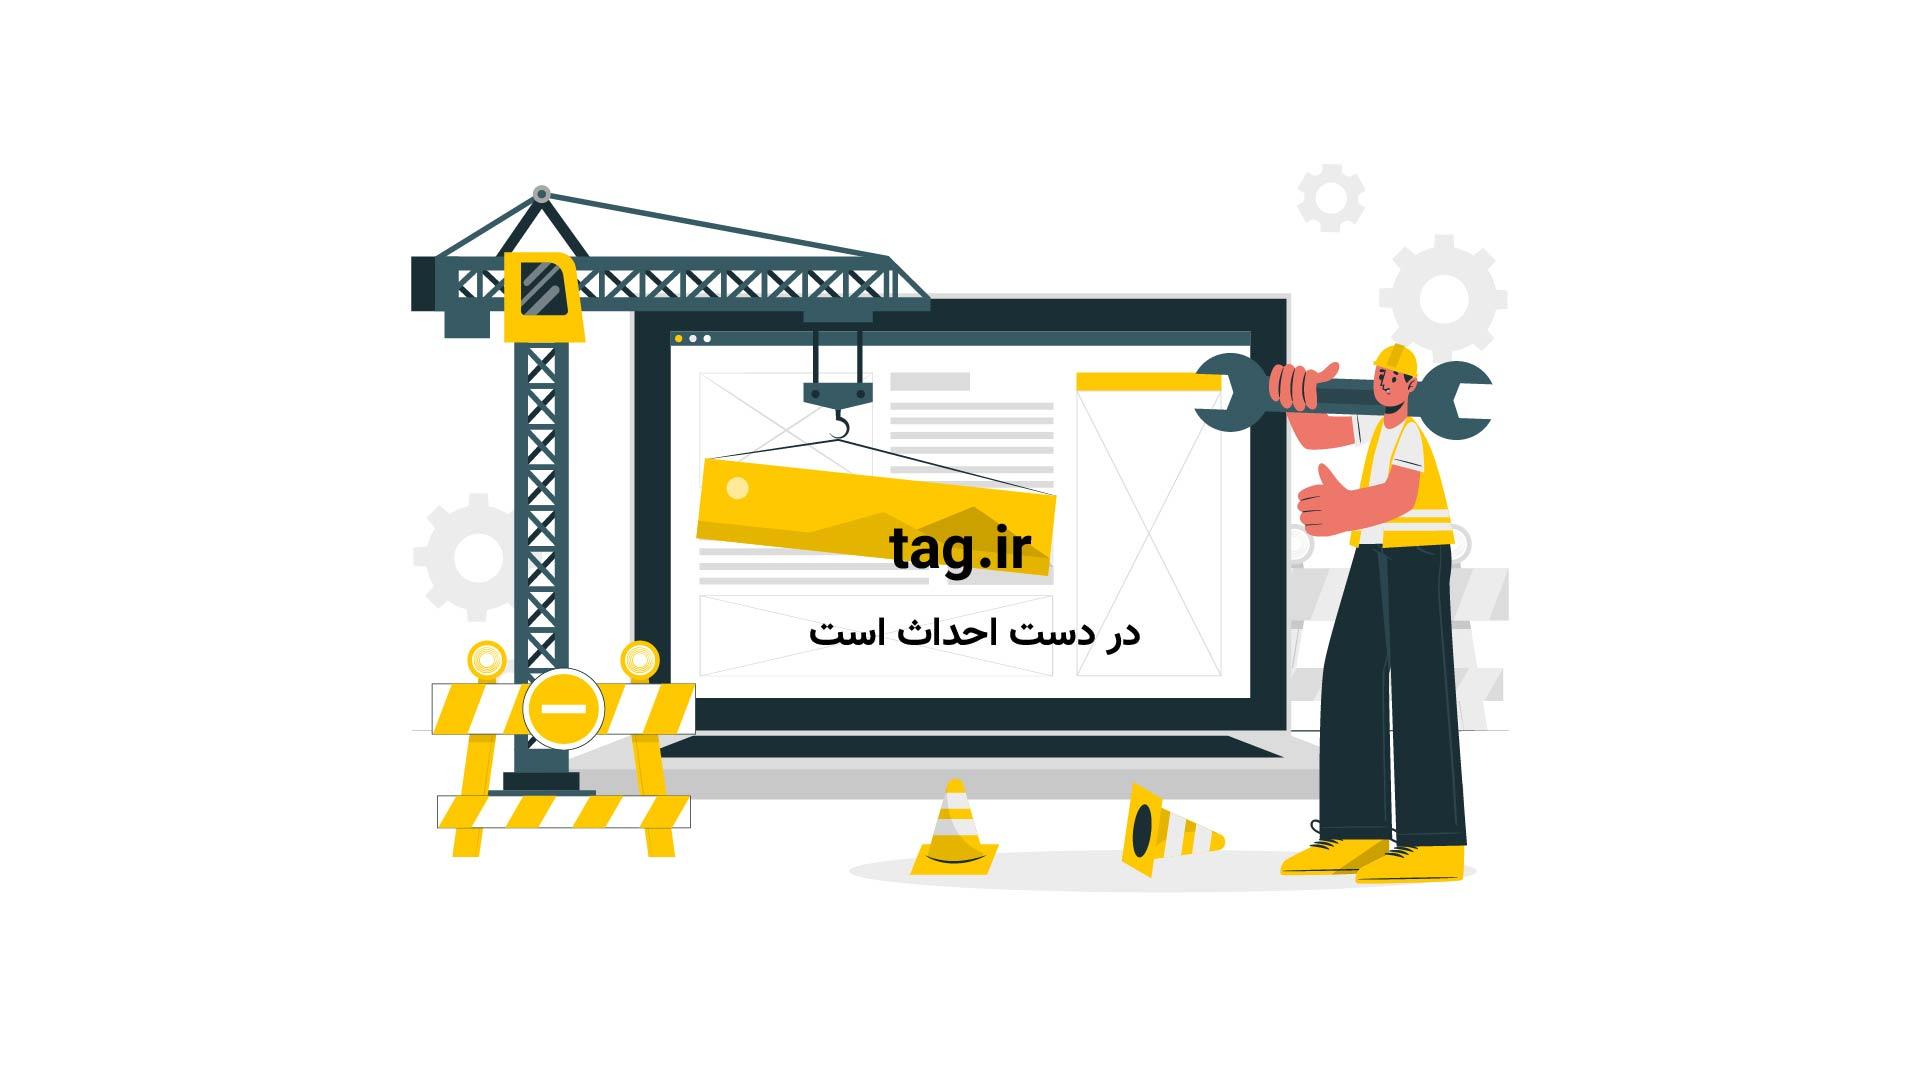 سخنرانیهای تد؛ مردمی که با کمترین امکانات برای خود سرپناه میسازند | فیلم